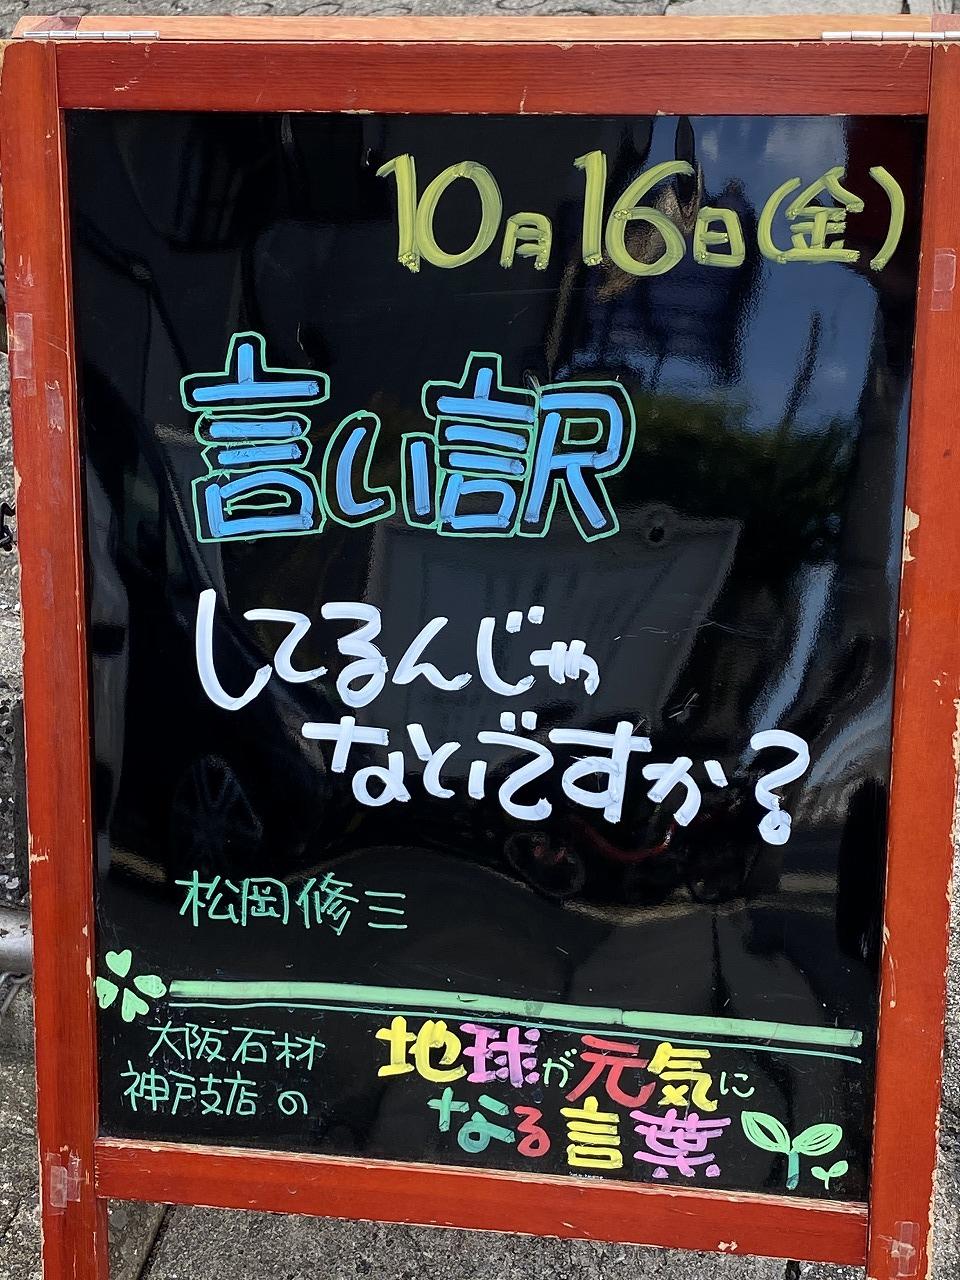 神戸の墓石店「地球が元気になる言葉」の写真 2020年10月16日